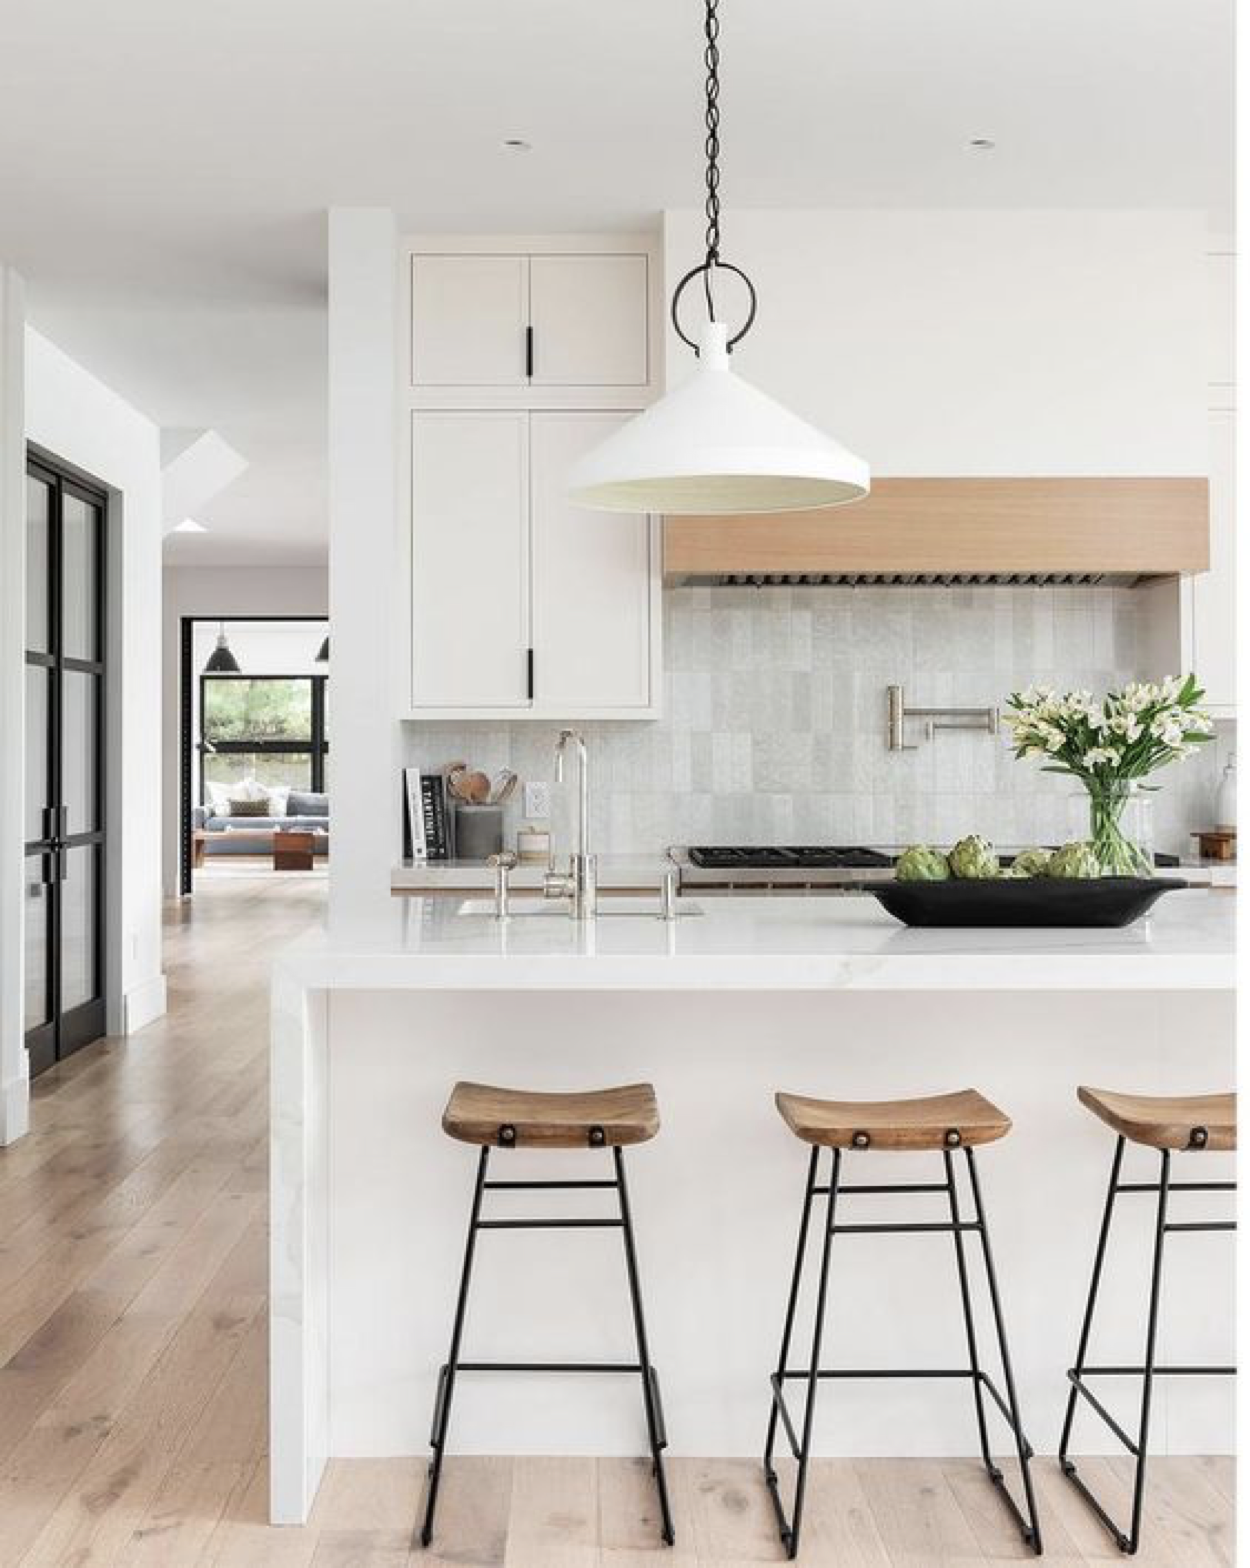 Desain Dapur Minimalis Dengan Meja dan Kursi Bar – source: pinterest.com